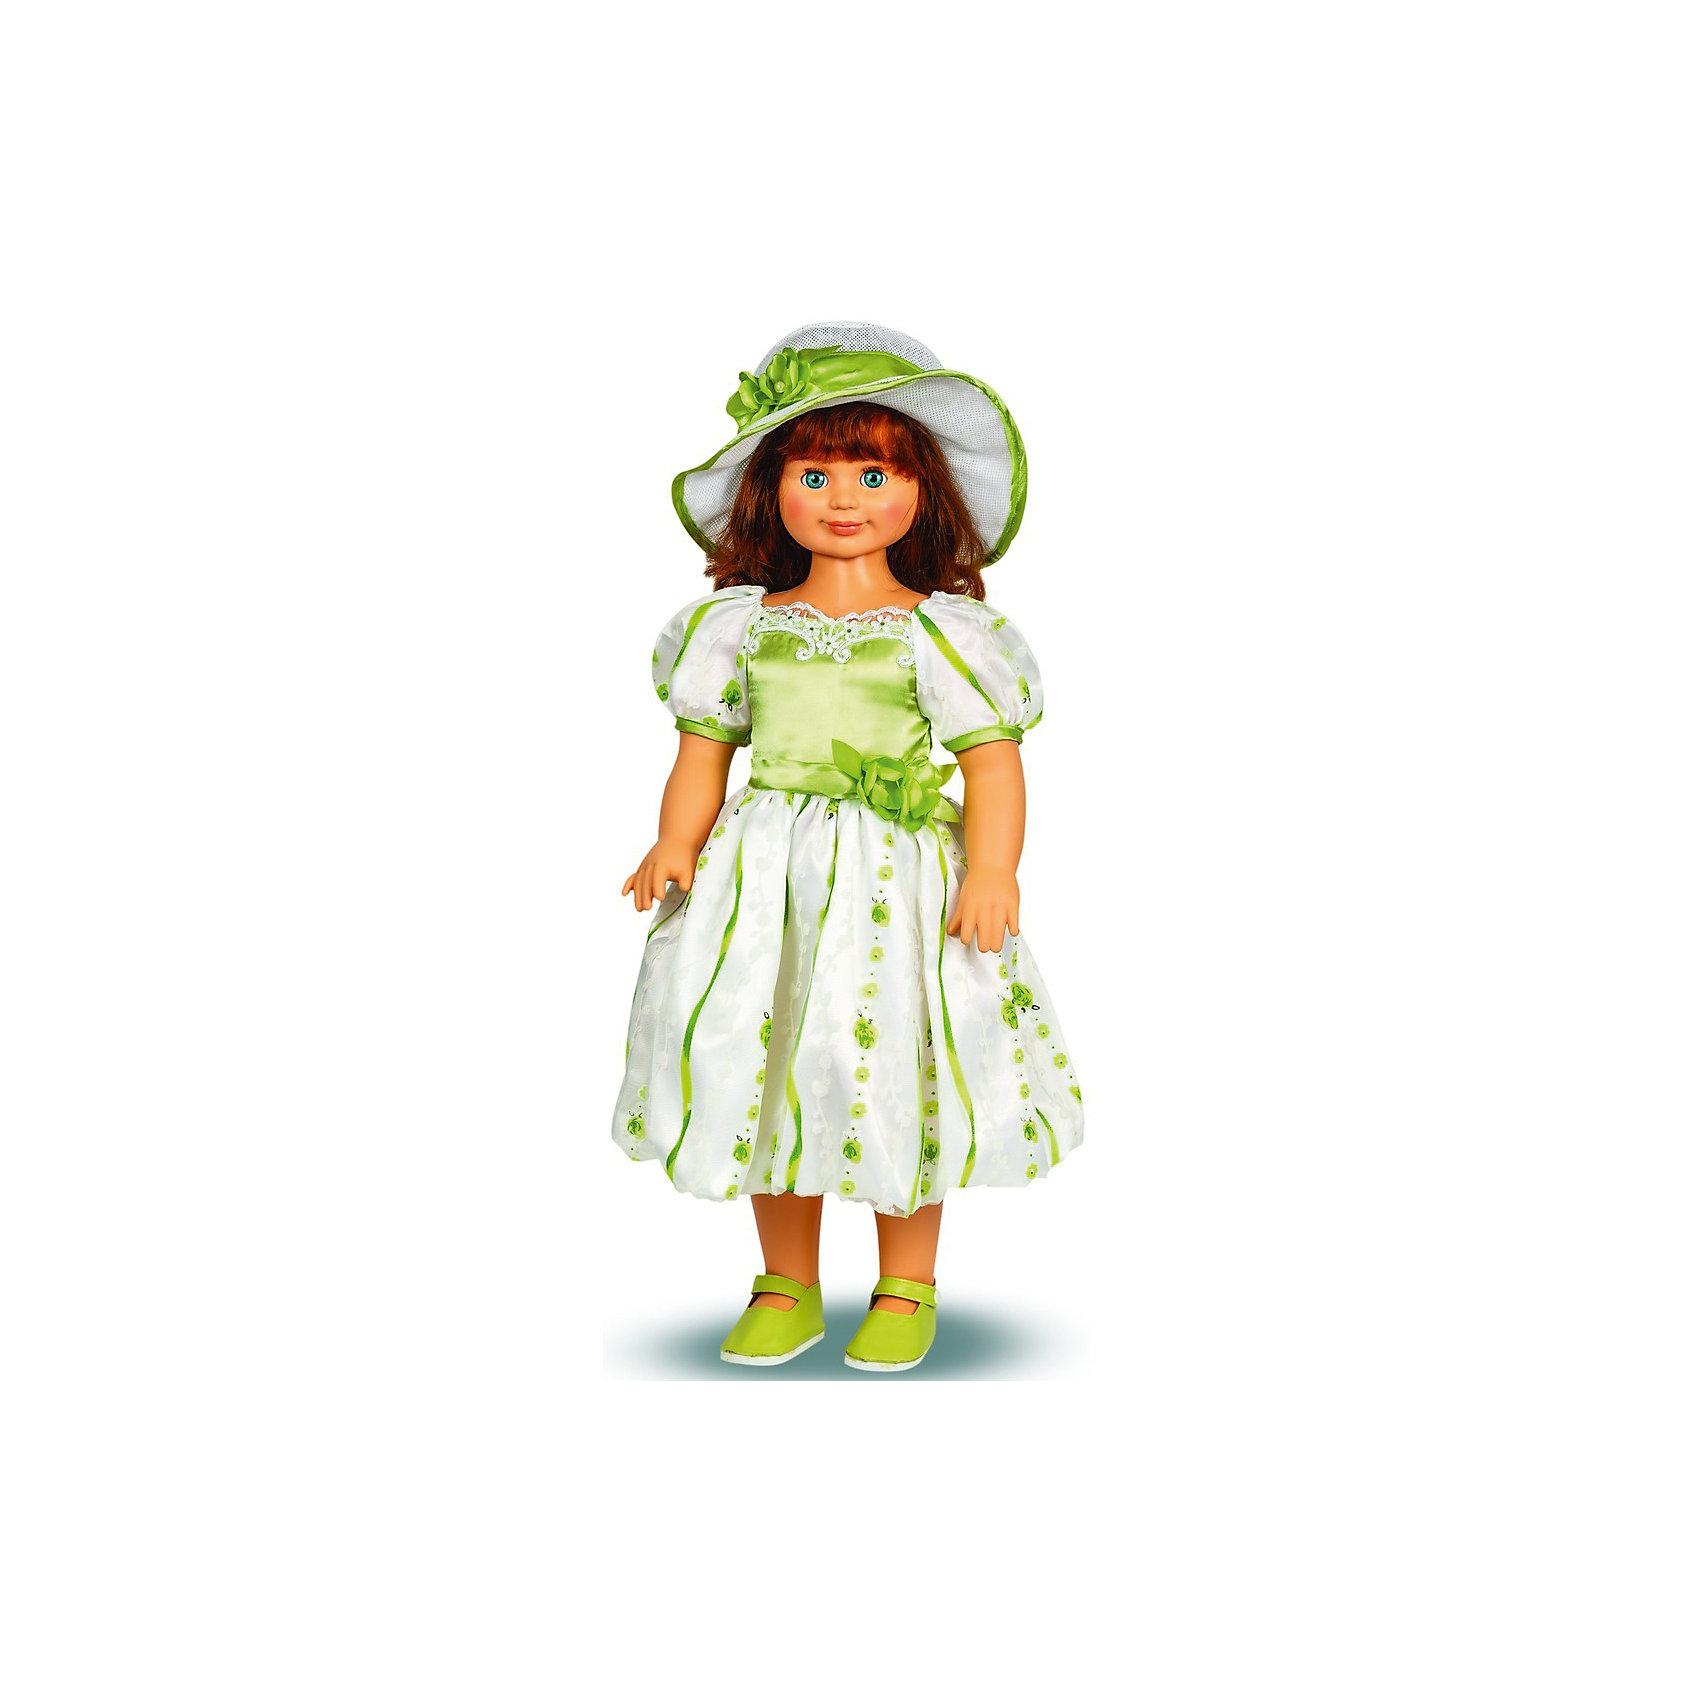 Весна Кукла Милана 5, со звуком, 70 см, Весна кукла весна алсу 35 см со звуком в1634 о